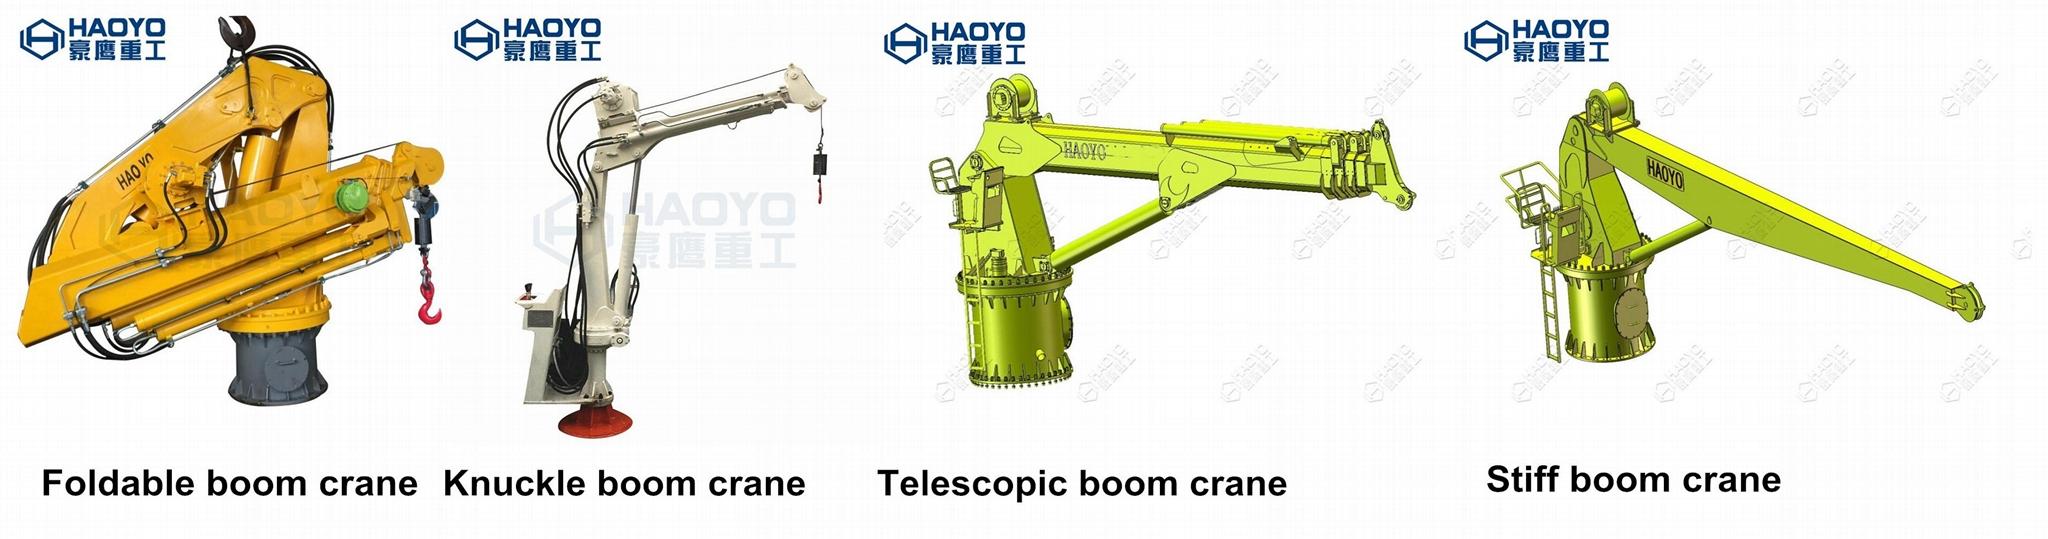 5吨伸缩臂移动式电动迷你起重机 9